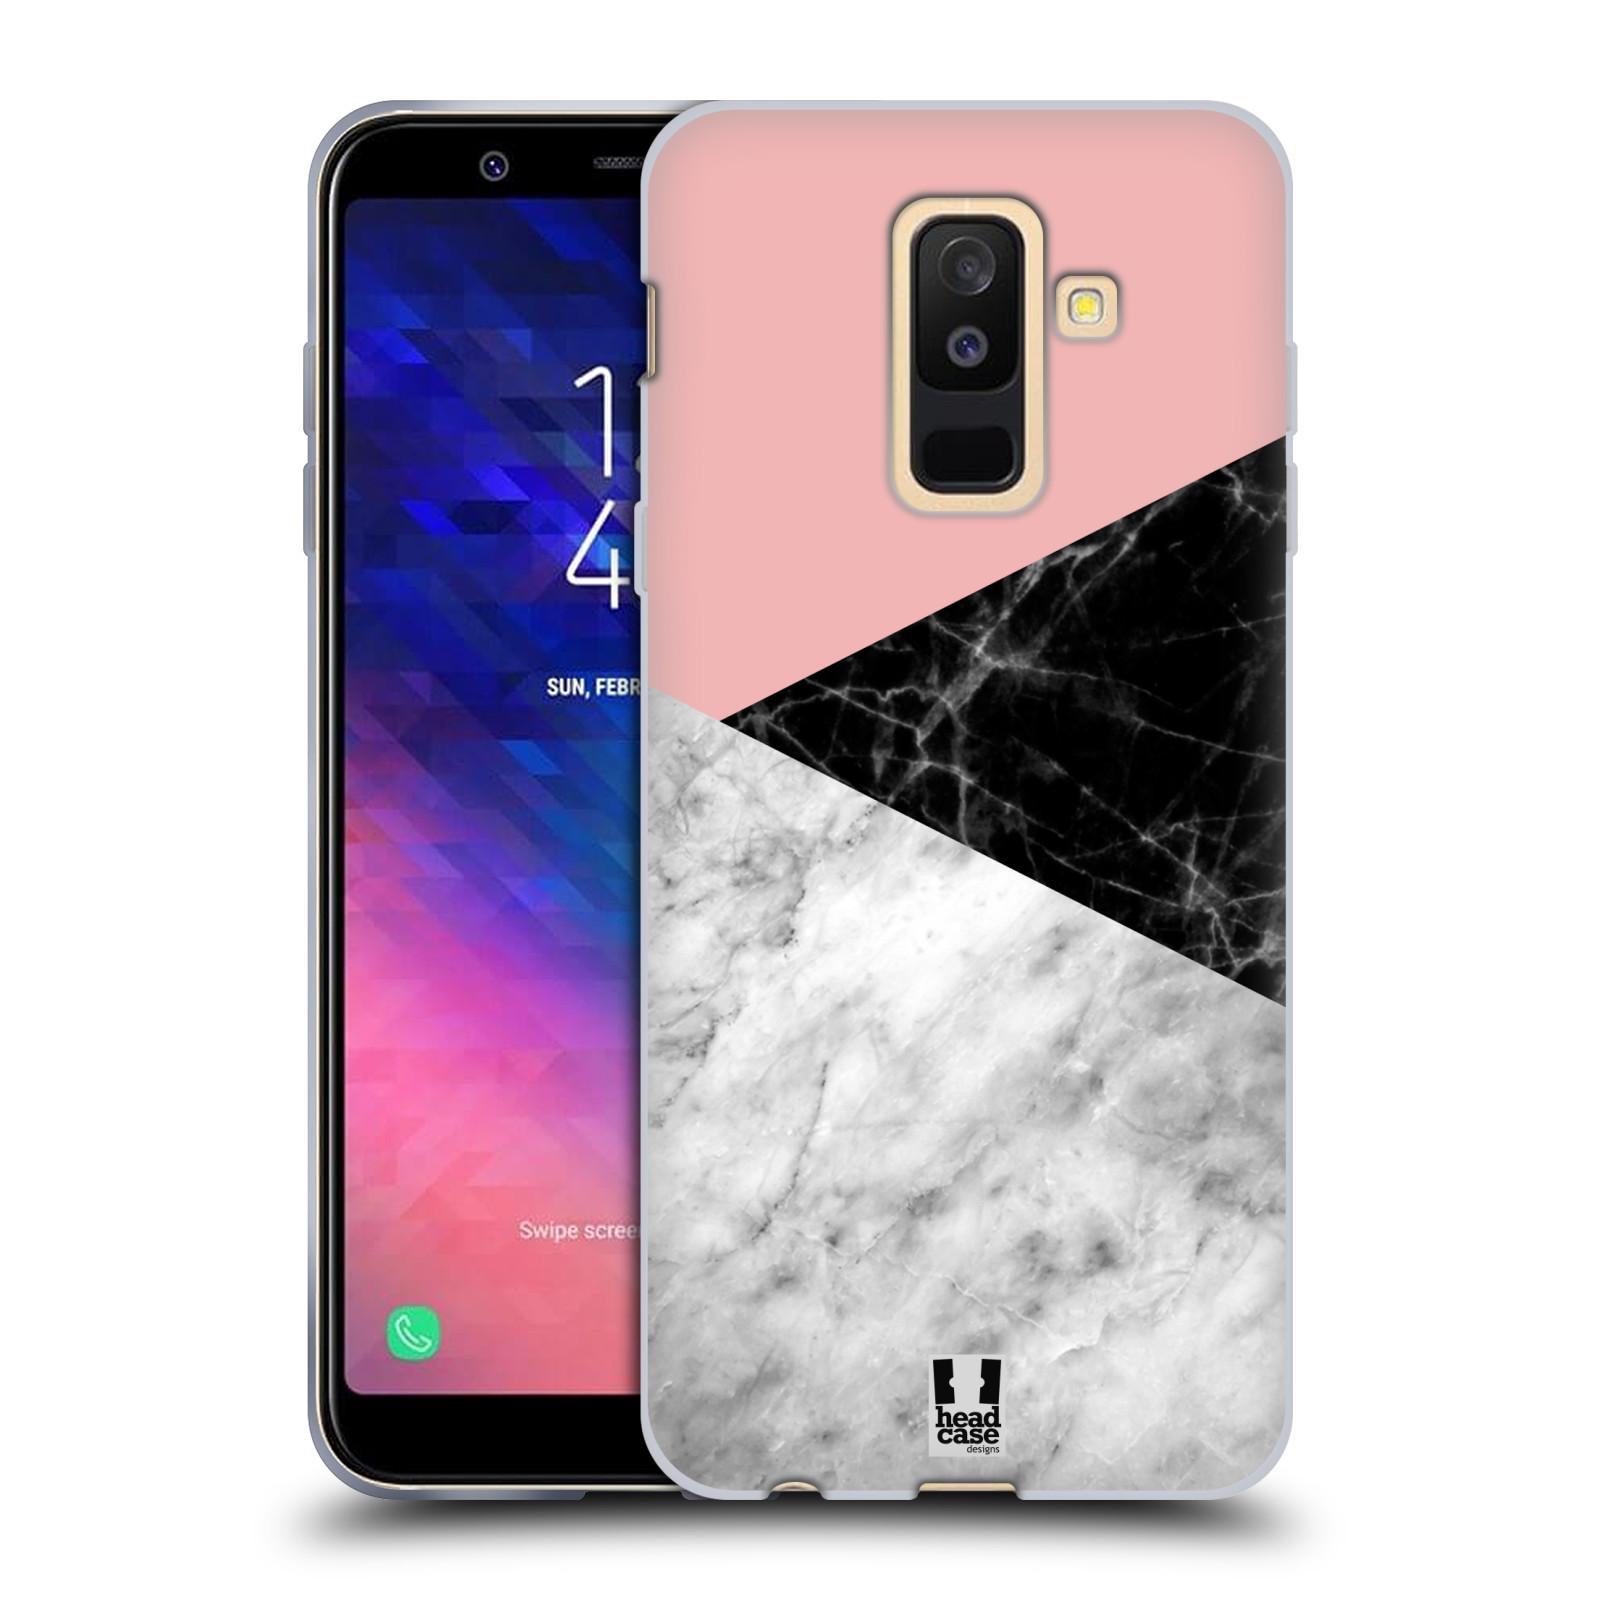 Silikonové pouzdro na mobil Samsung Galaxy A6 Plus (2018) - Head Case - Mramor mix